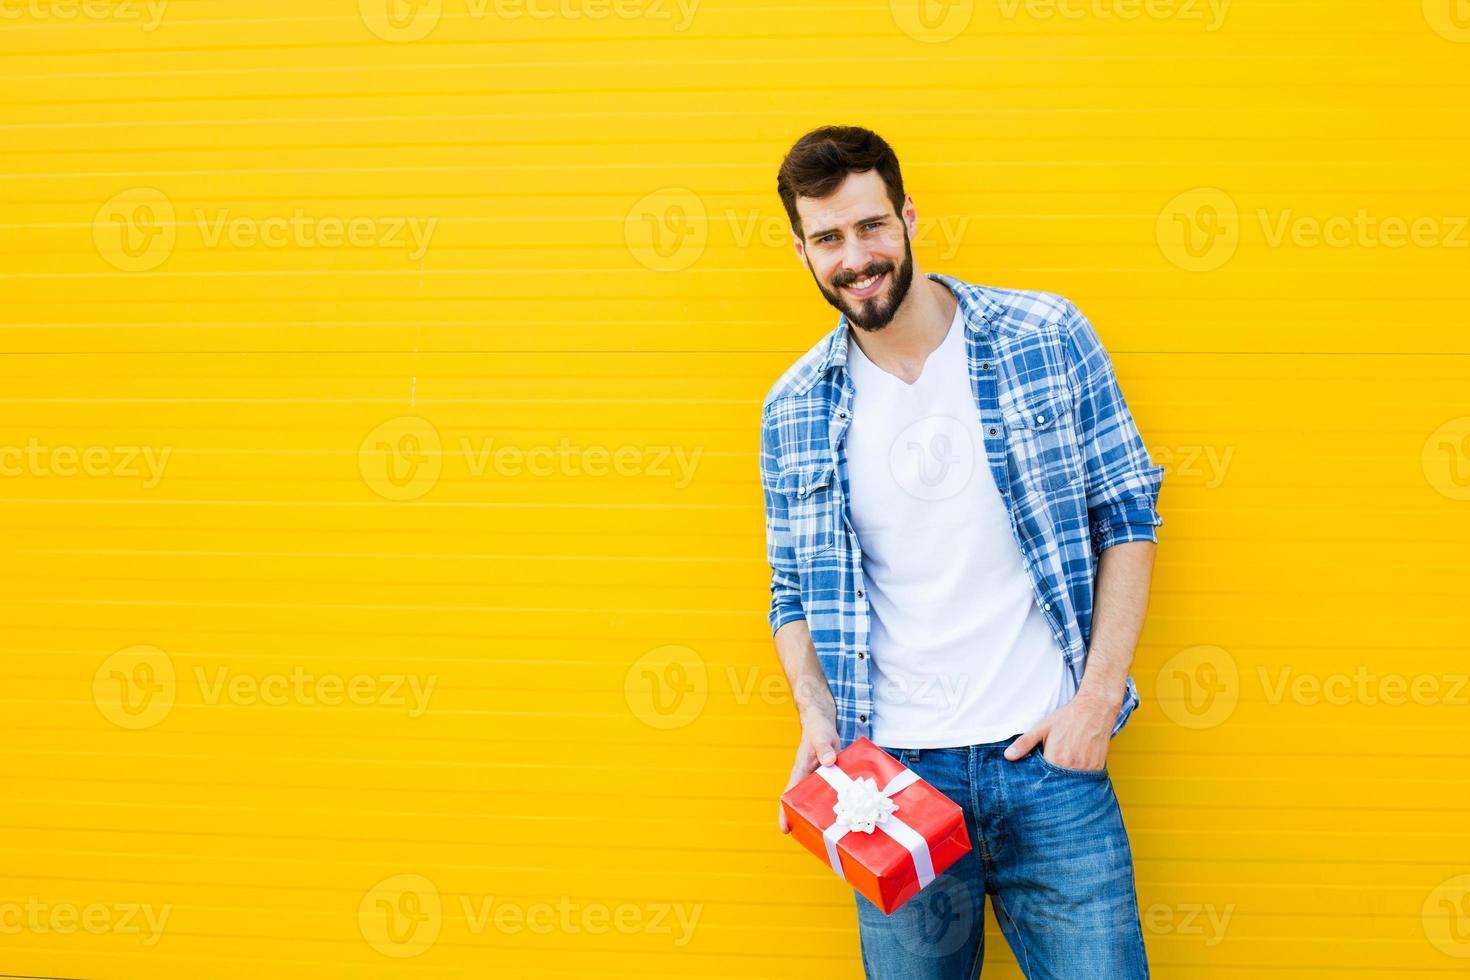 volwassen man met rode cadeau, aanwezig foto